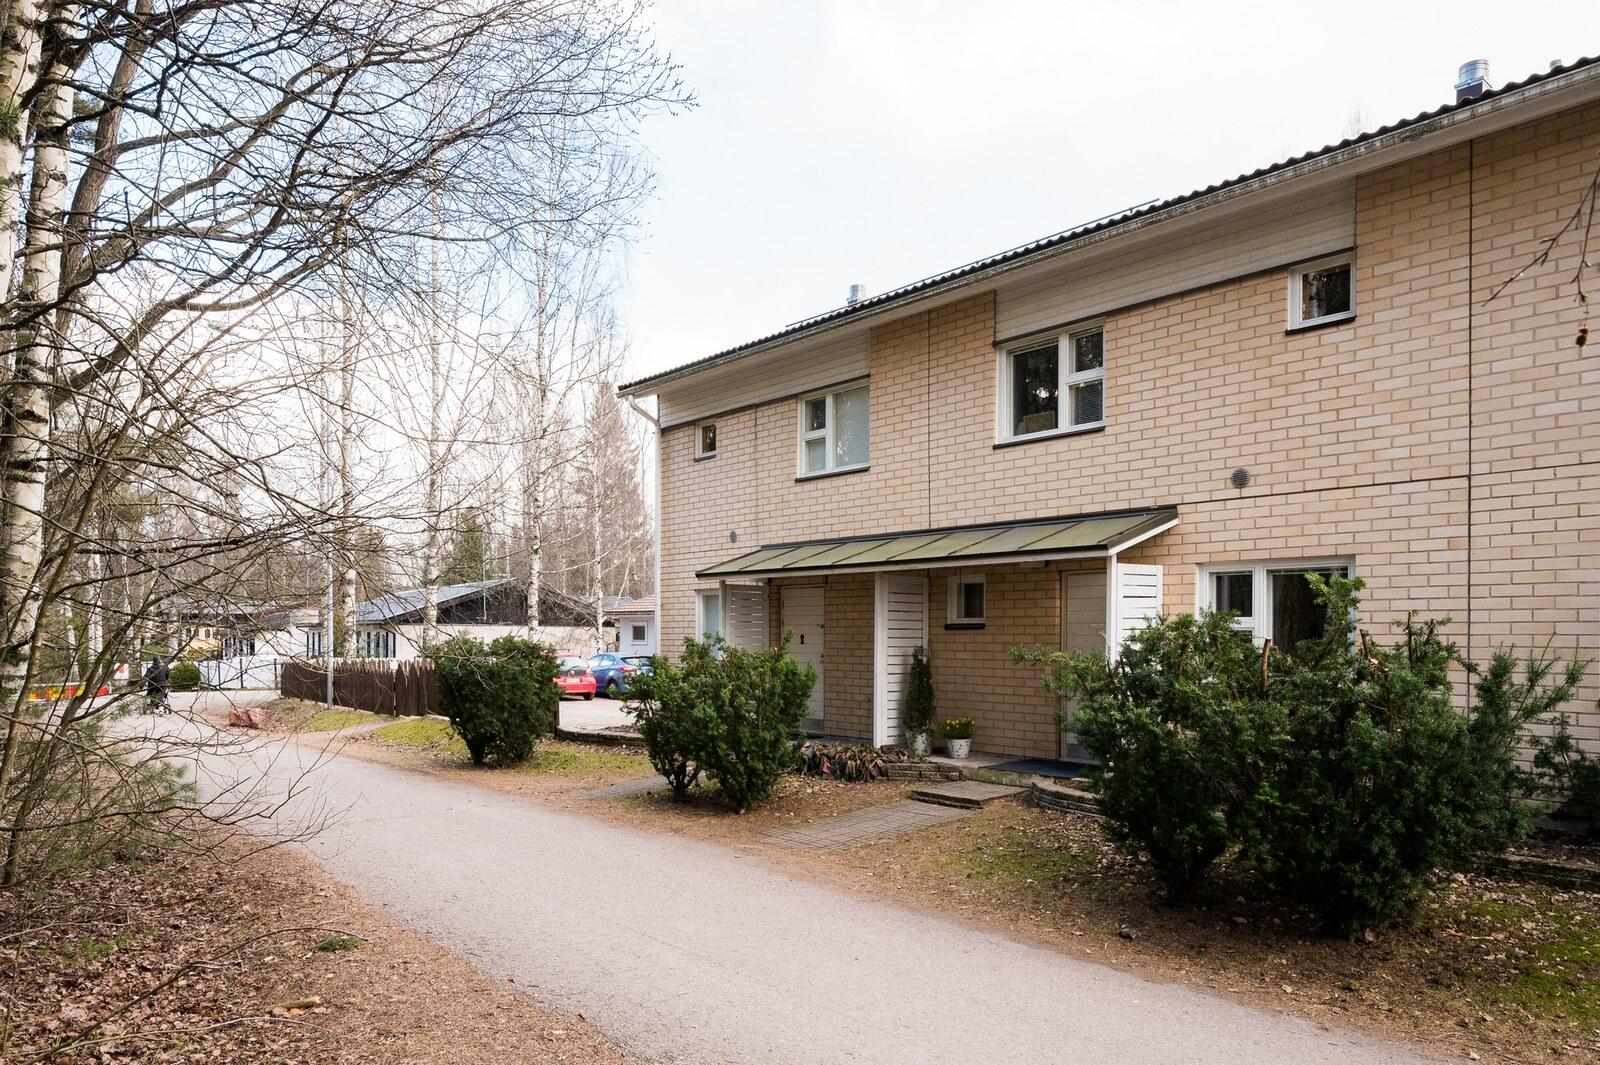 Levonkytö, Järvenpää